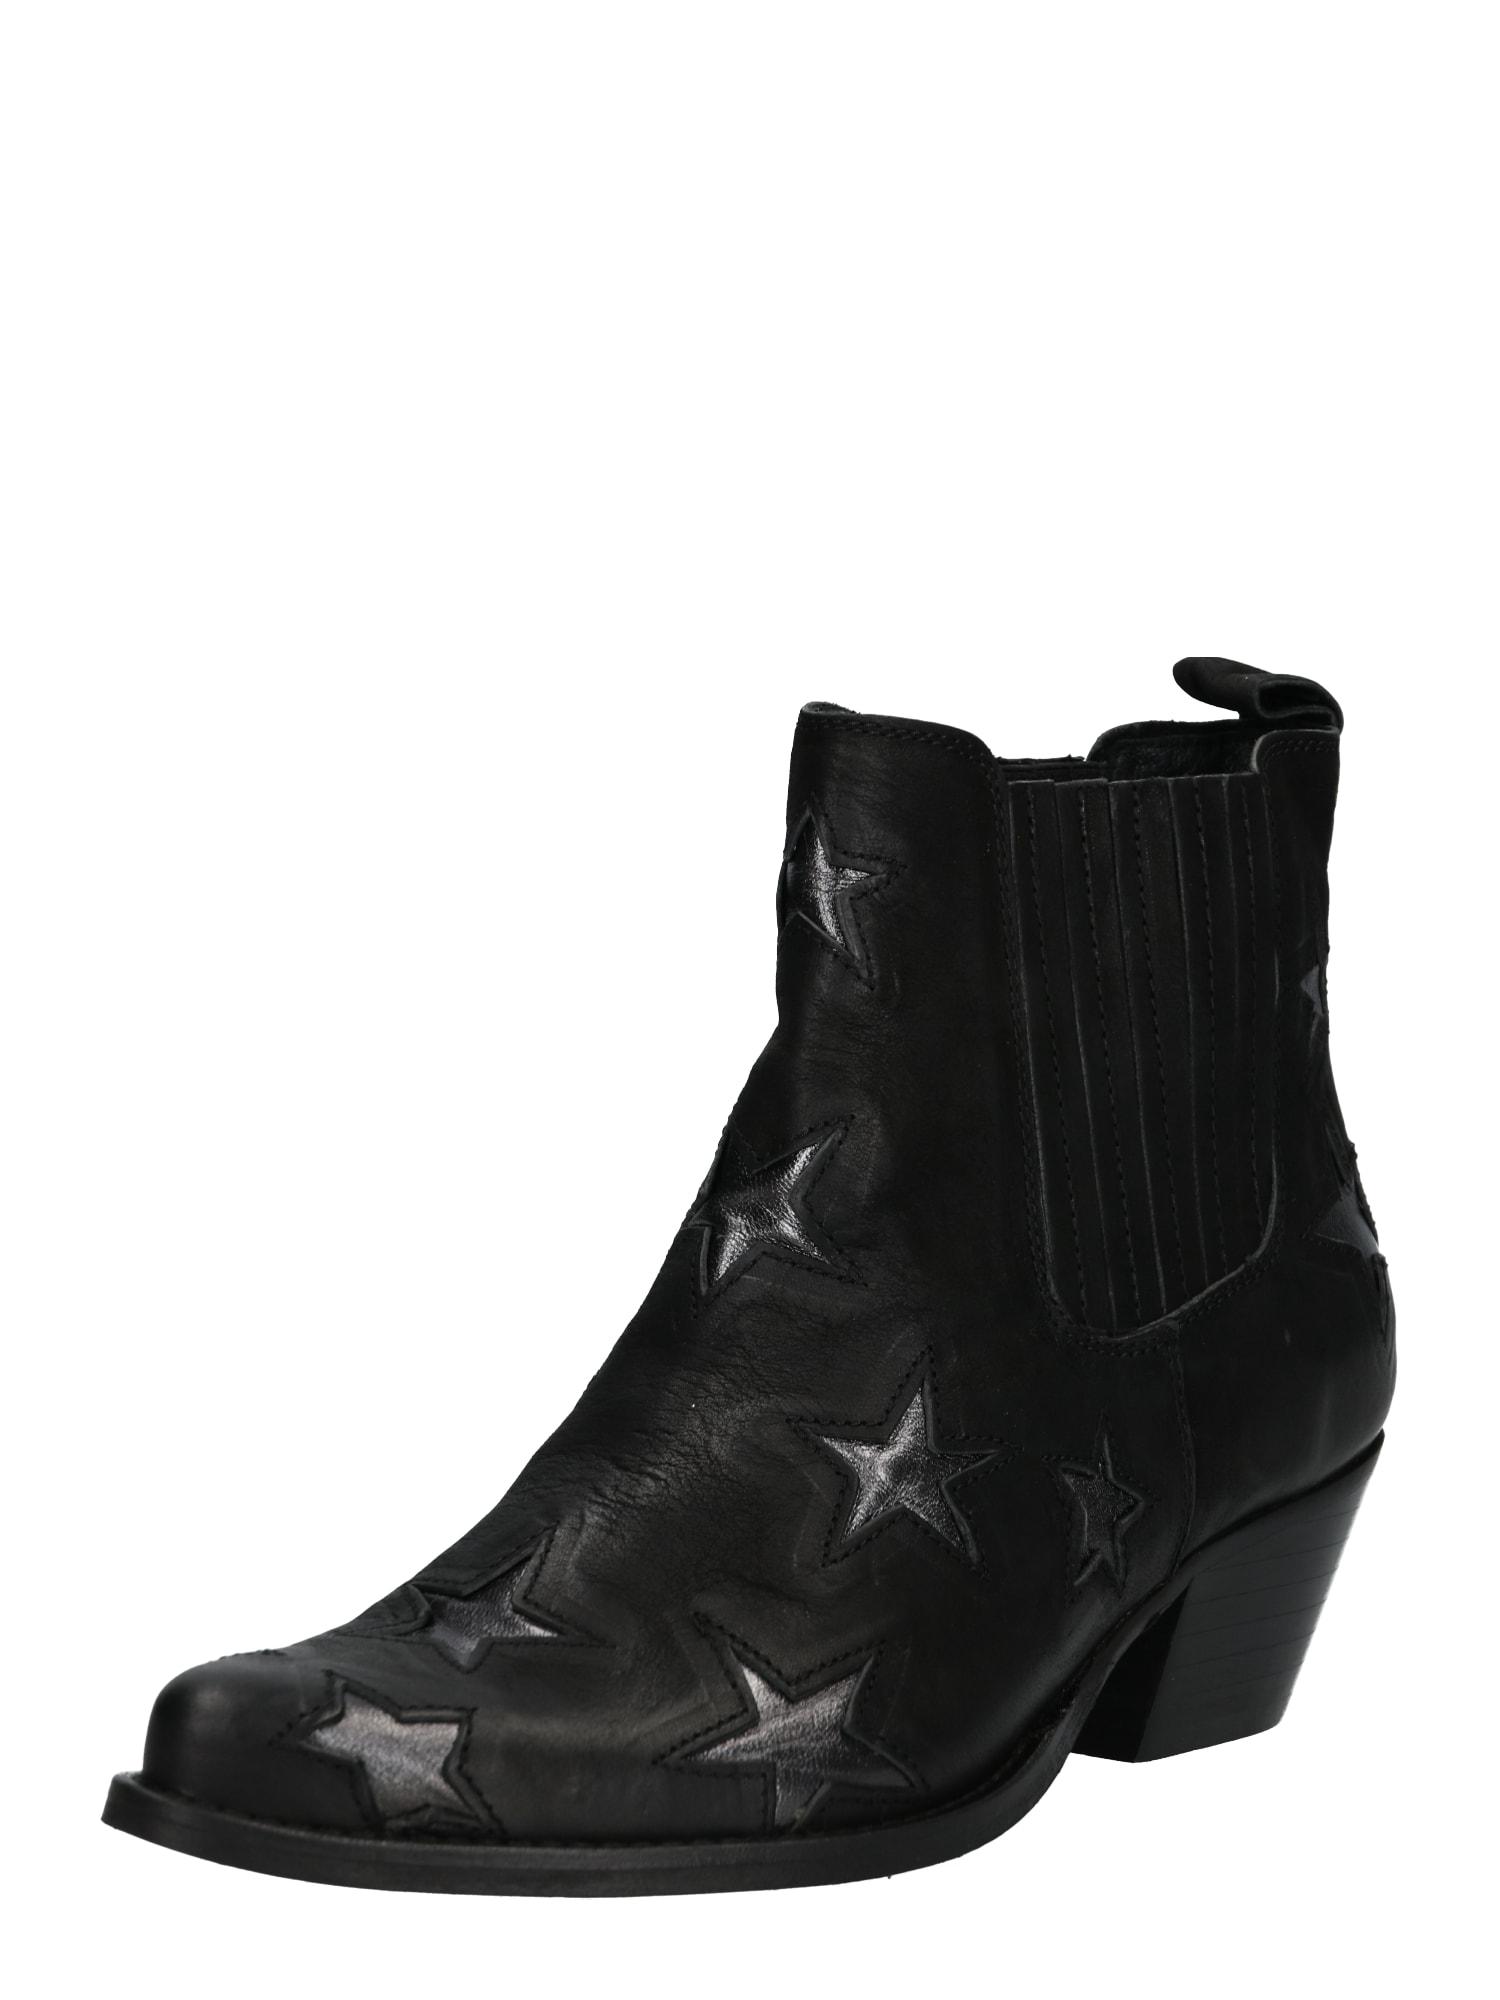 Kotníkové boty CHRISY černá Apple Of Eden